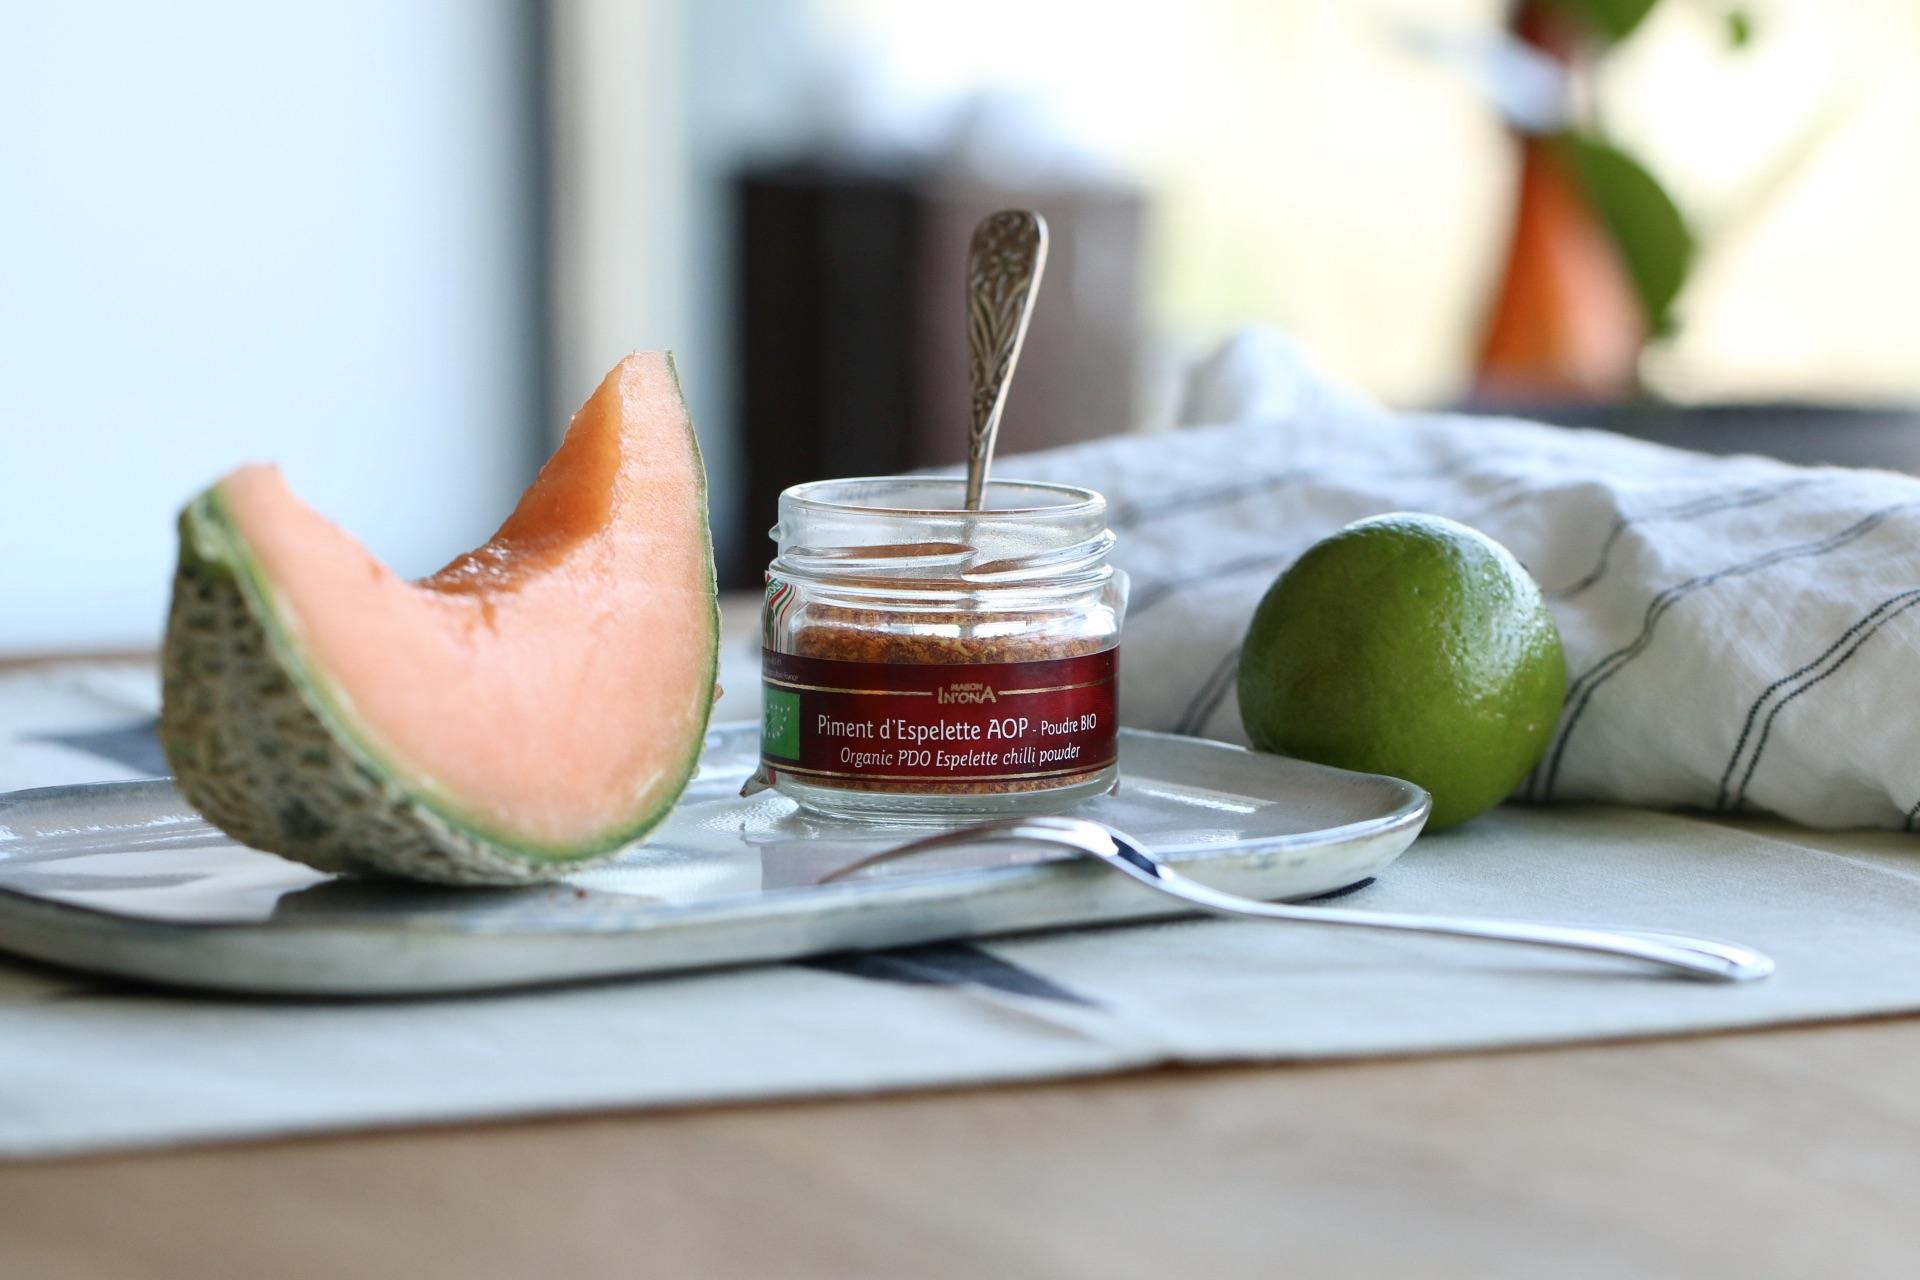 Nätmelon (cantaloupe) med spännande smaker